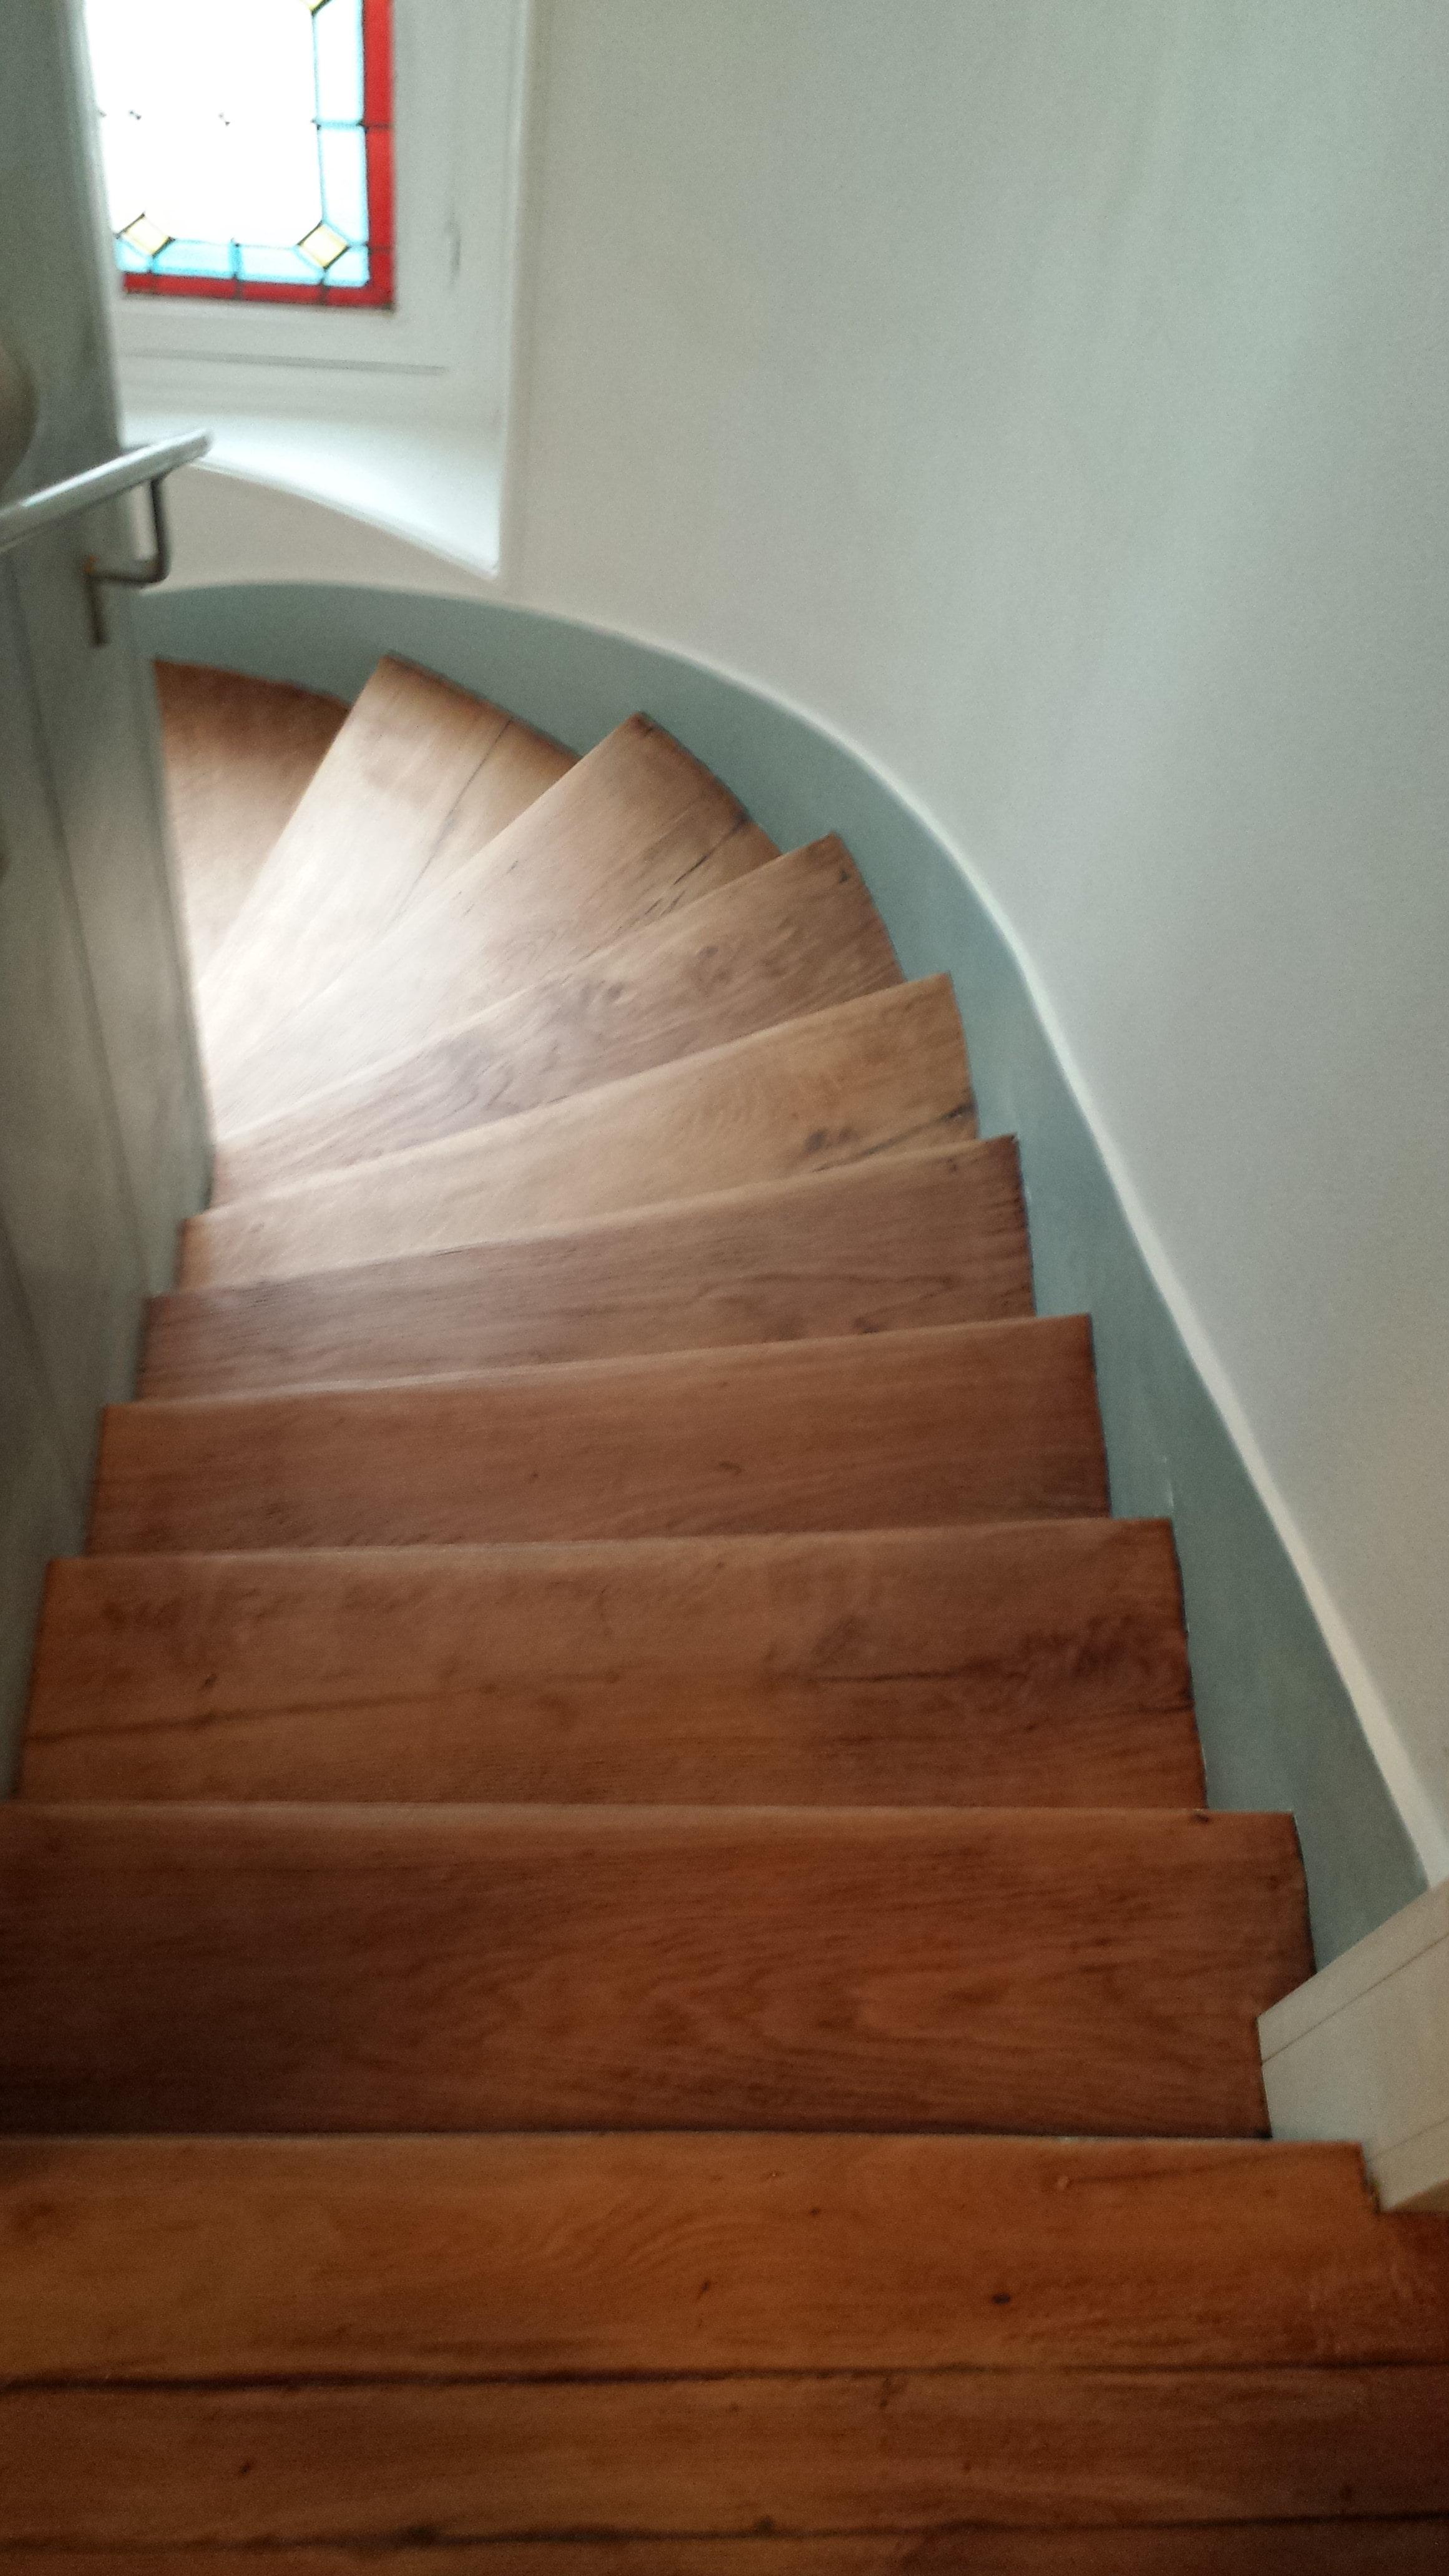 travaux-renovation-escalier-poncage-verni-immeuble-de-paris-4-texas-batiment-rge-min